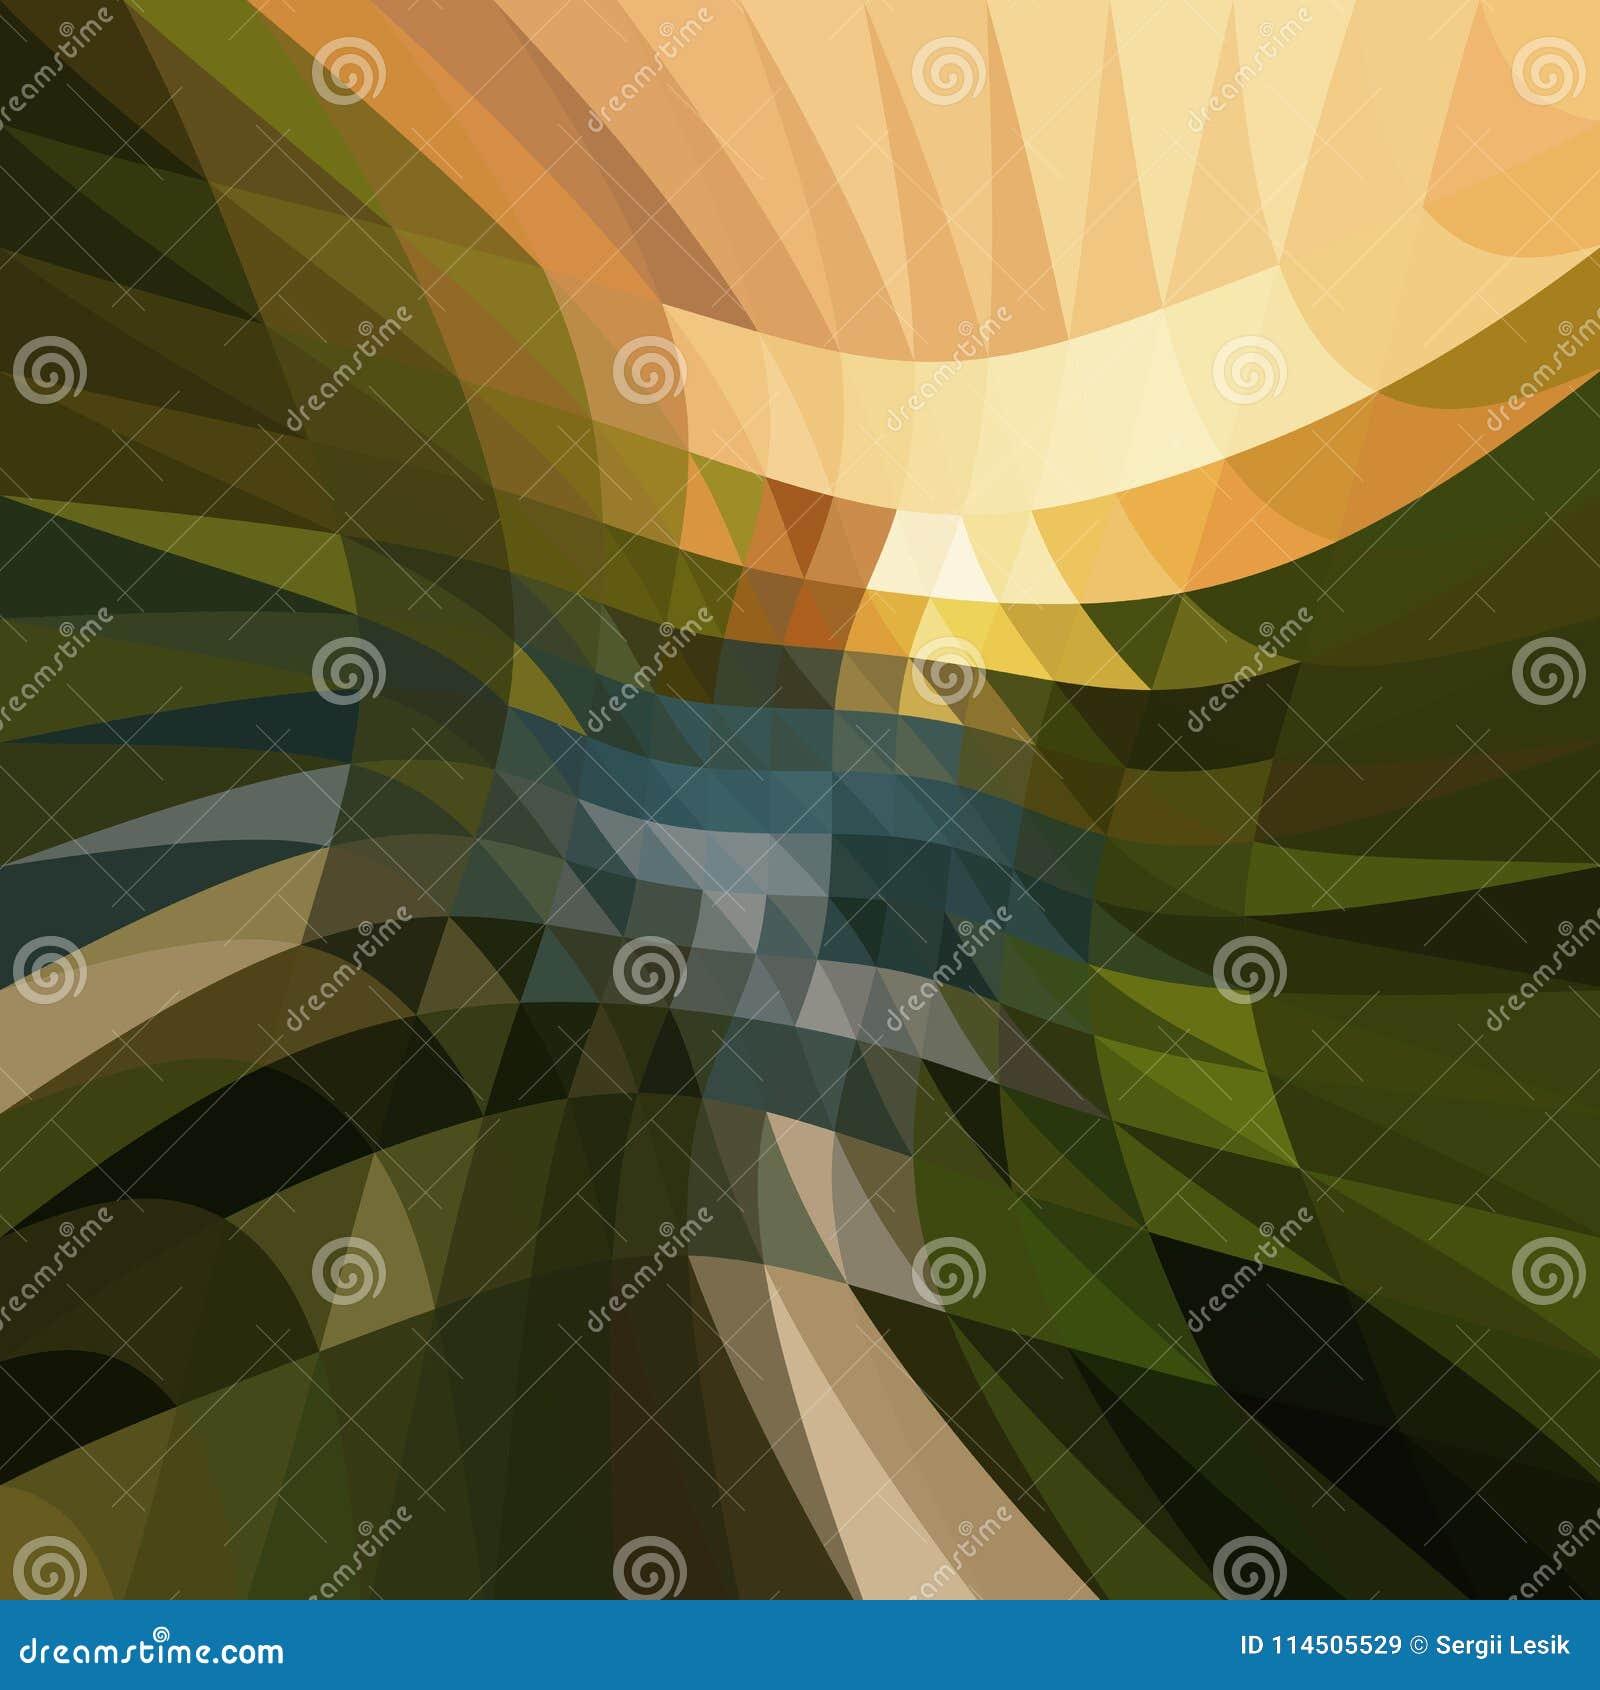 Veelkleurige veelhoekige illustratie, wat uit driehoeken bestaan Geometrische achtergrond in Origamistijl met gradiënt